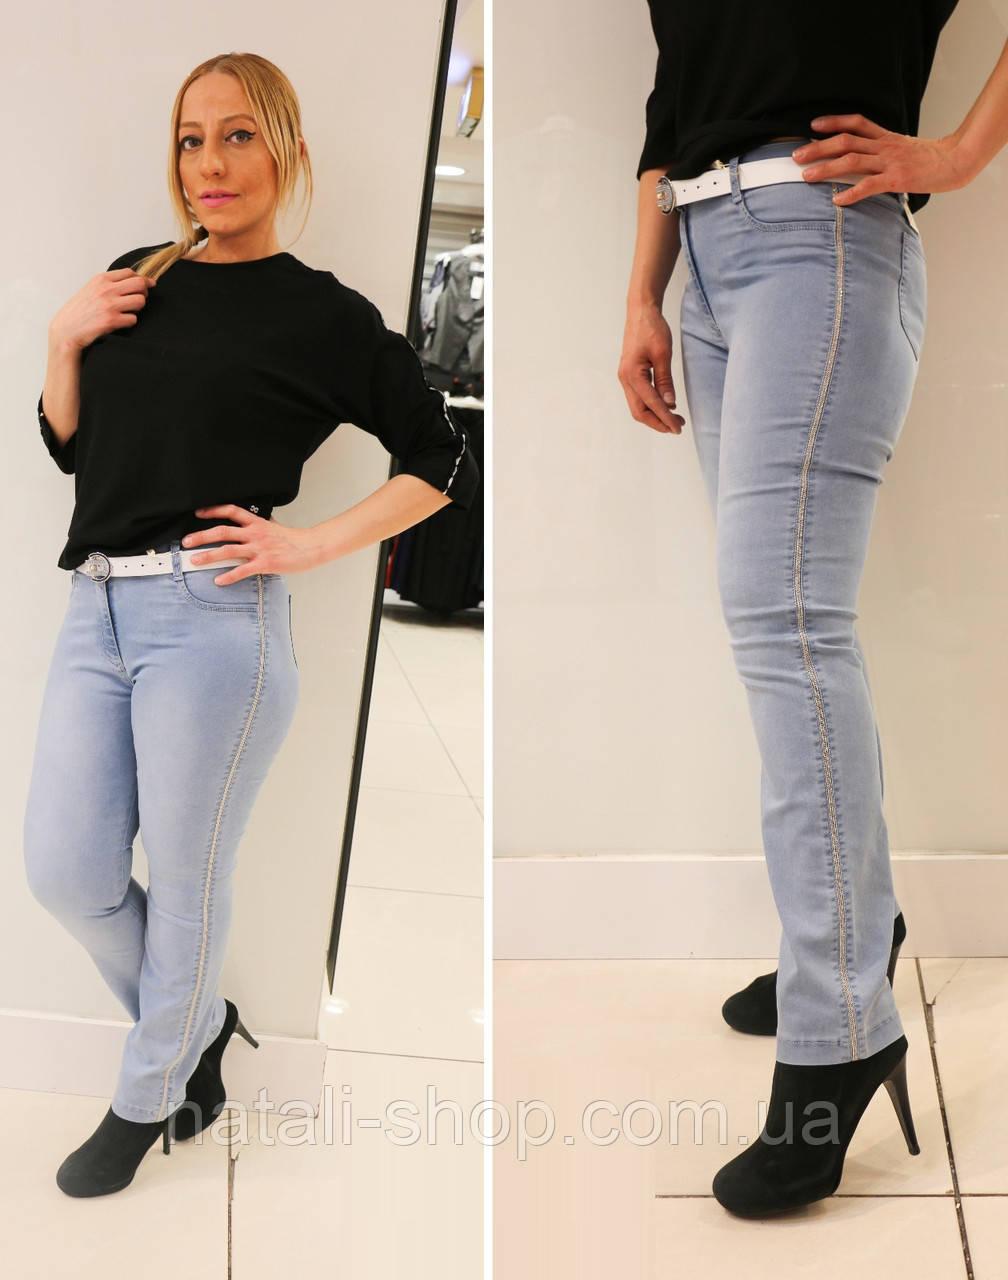 445964746ea Женские джинсы со стразами больших размеров